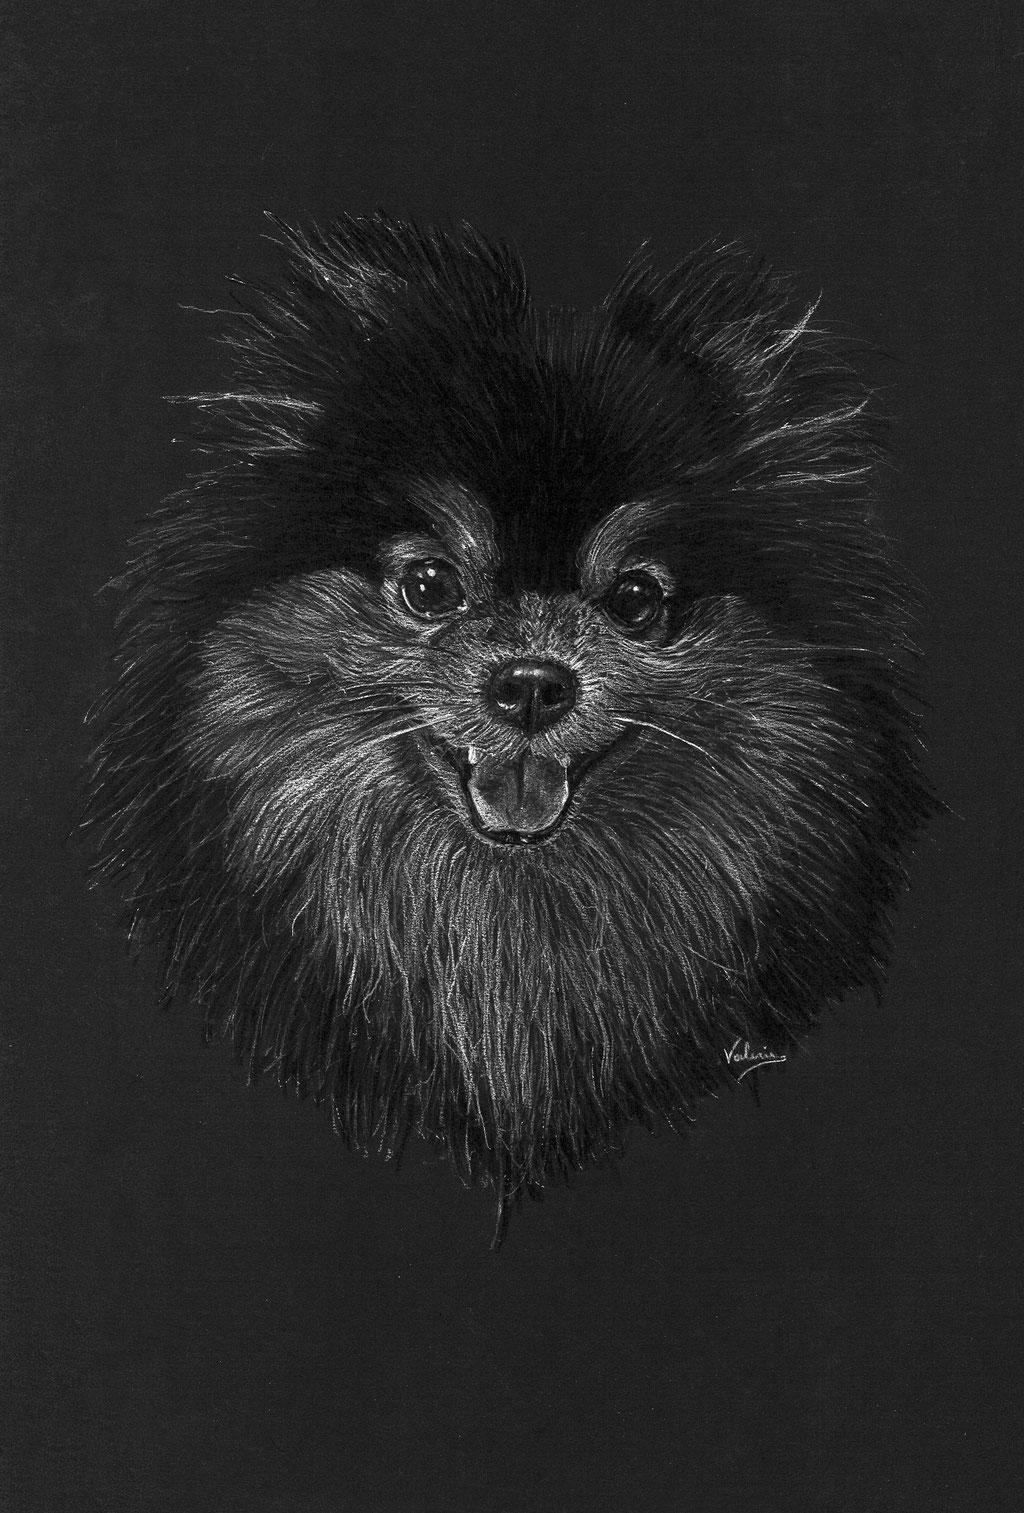 Dierenportret pomeriaan/dwergkees: Wit potlood en houtskool op zwart papier (2018)